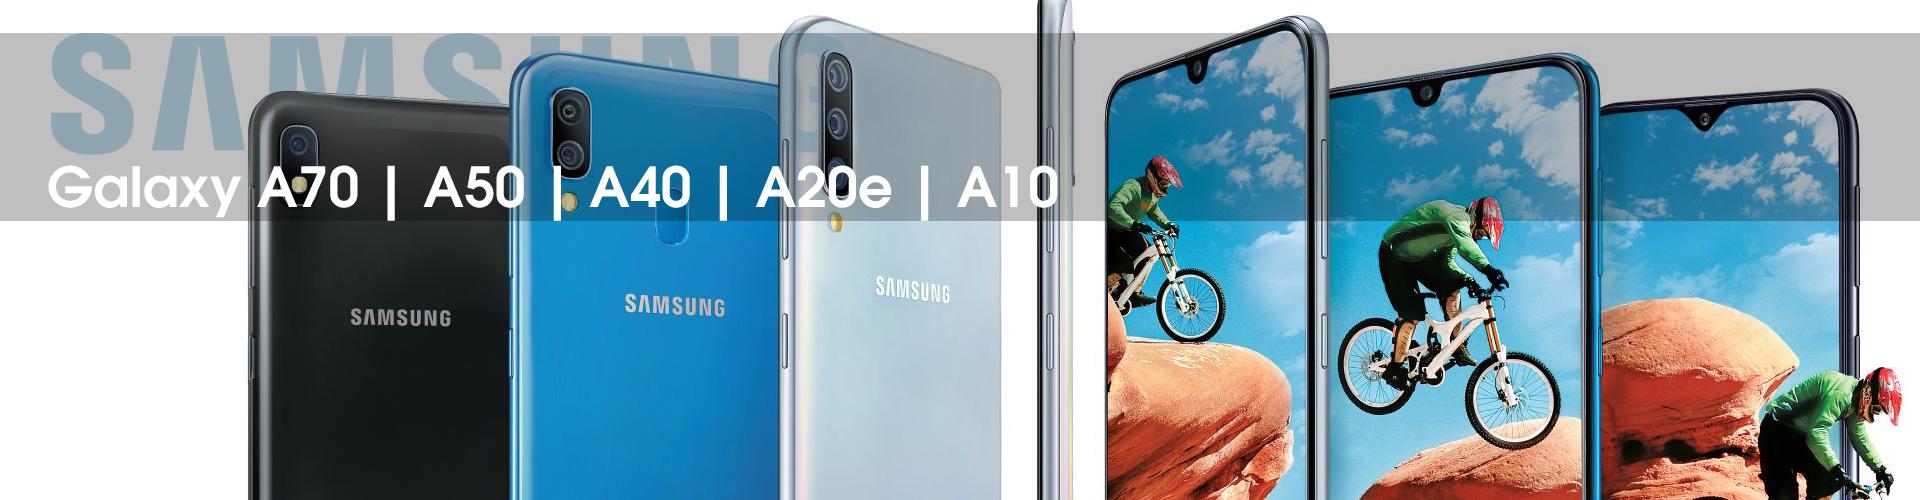 Samsung Galaxy - serija A 2019